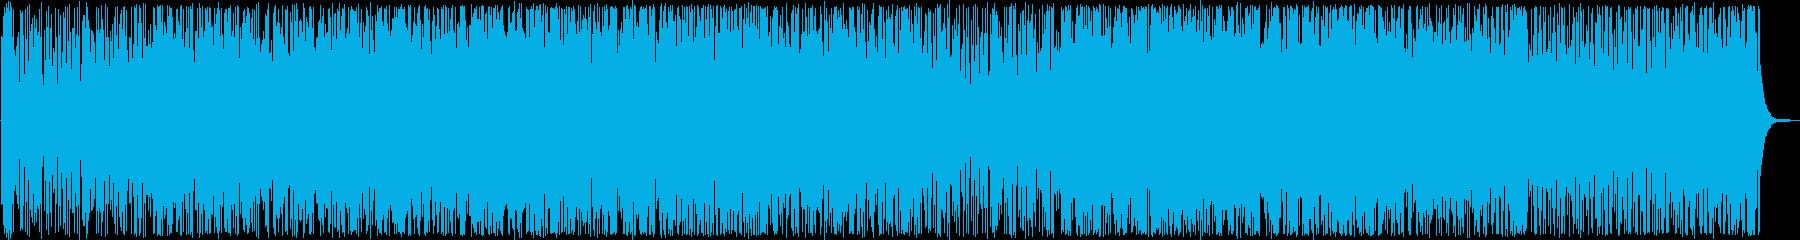 明るく、疾走感あふれるポップミュージックの再生済みの波形